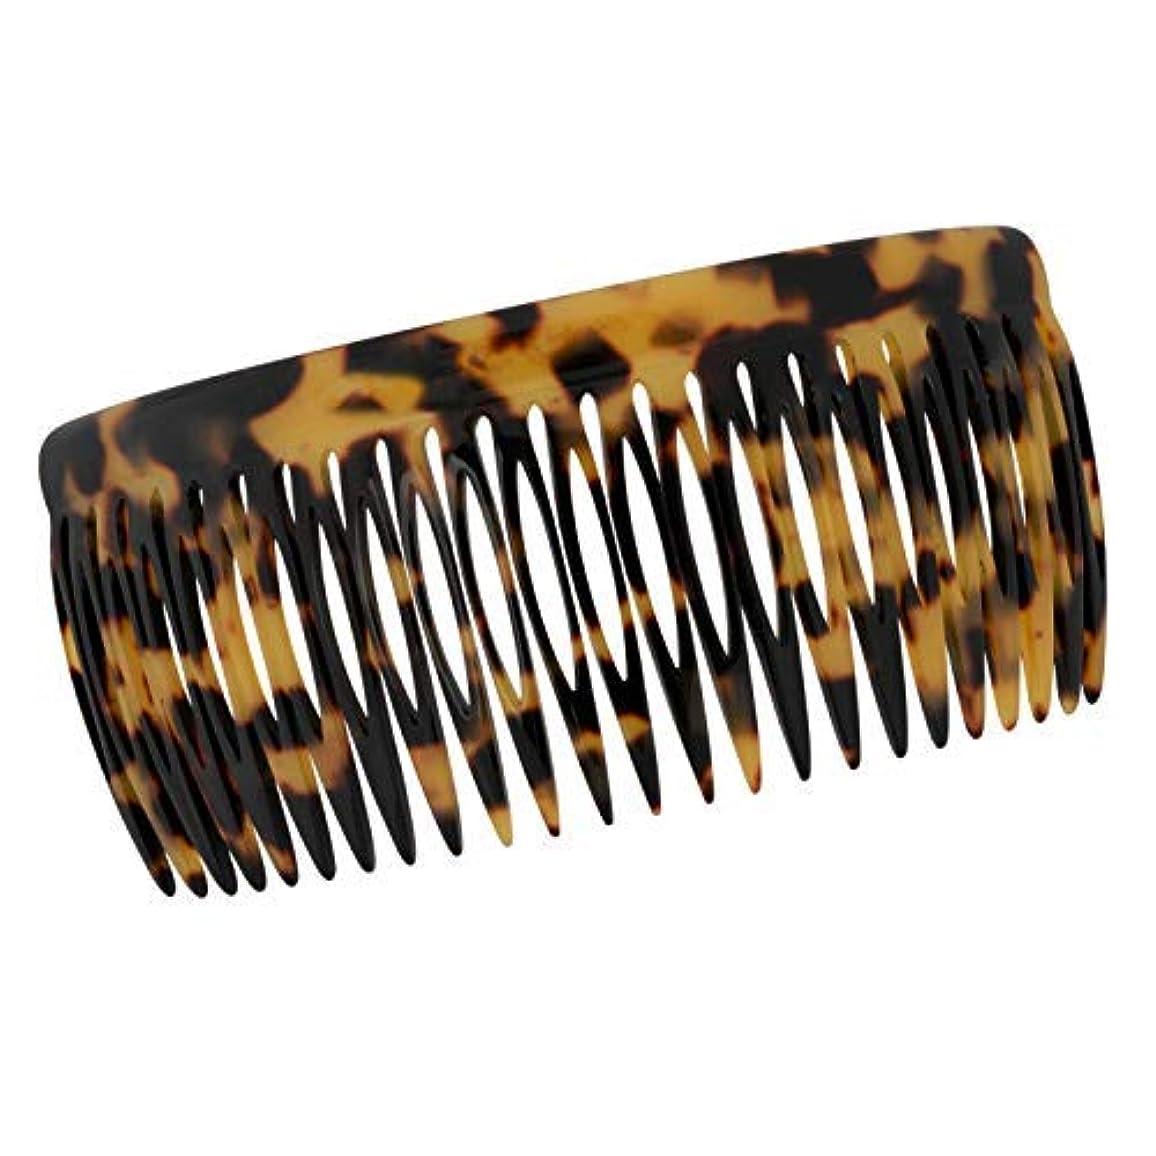 シャンプーチャンピオンメインCharles J. Wahba Long Classic Long Side Comb - 24 Teeth - Handmade in France (Tokyo Tortoise Color) [並行輸入品]